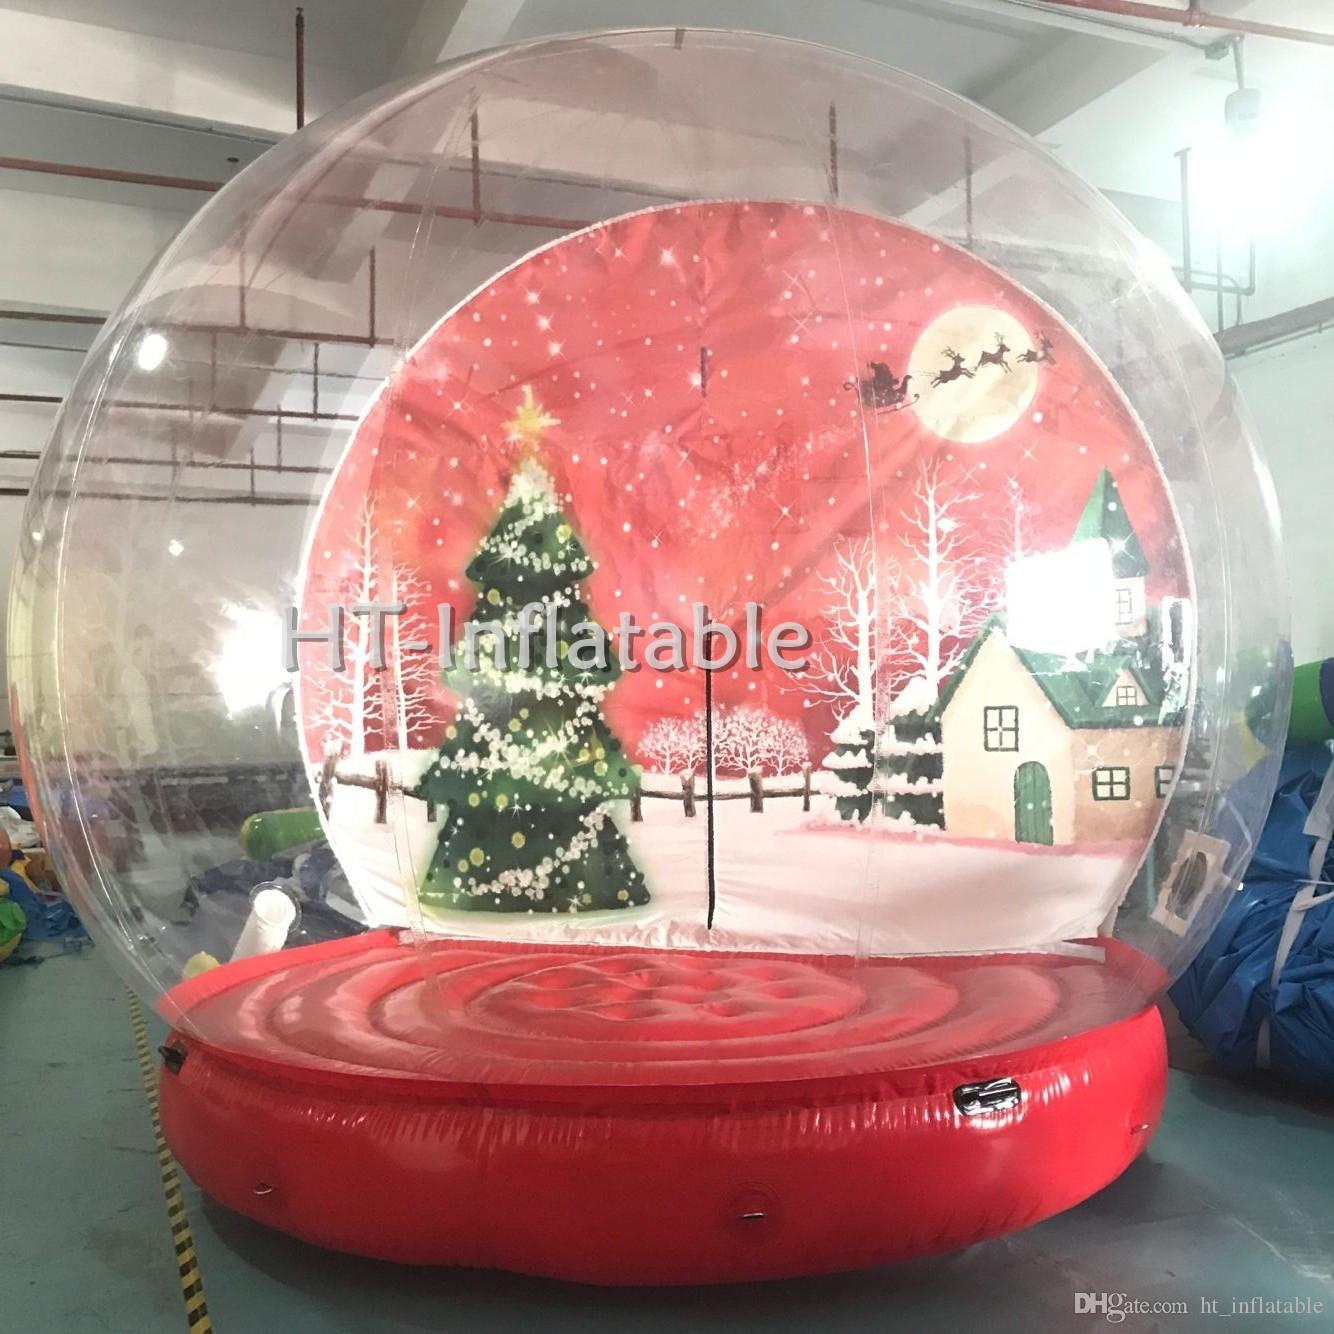 الشحن مجانا مصنع عالية الجودة حسب الطلب هالوين / عيد الميلاد الديكور العملاق نفخ سنو غلوب الإنسان 4M ضياء للبيع